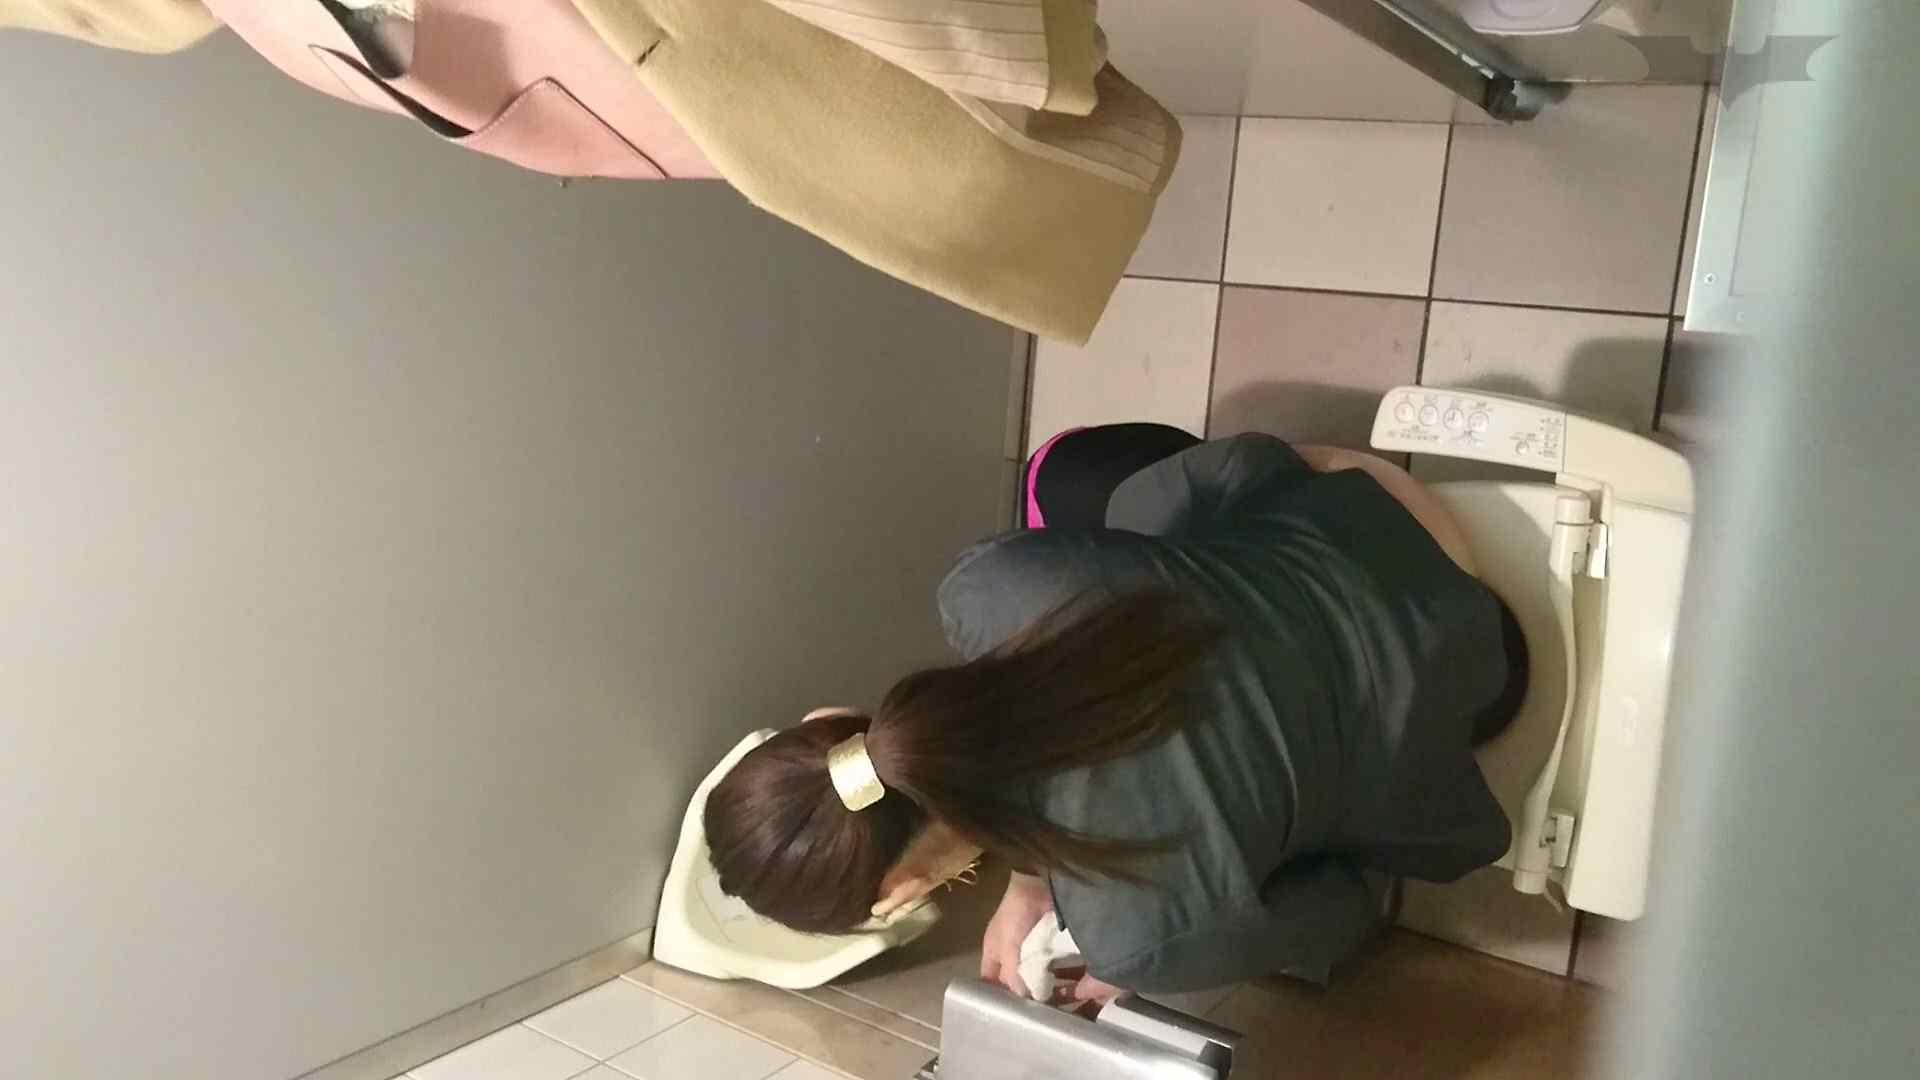 化粧室絵巻 ショッピングモール編 VOL.15 盛合せ  51PIX 20